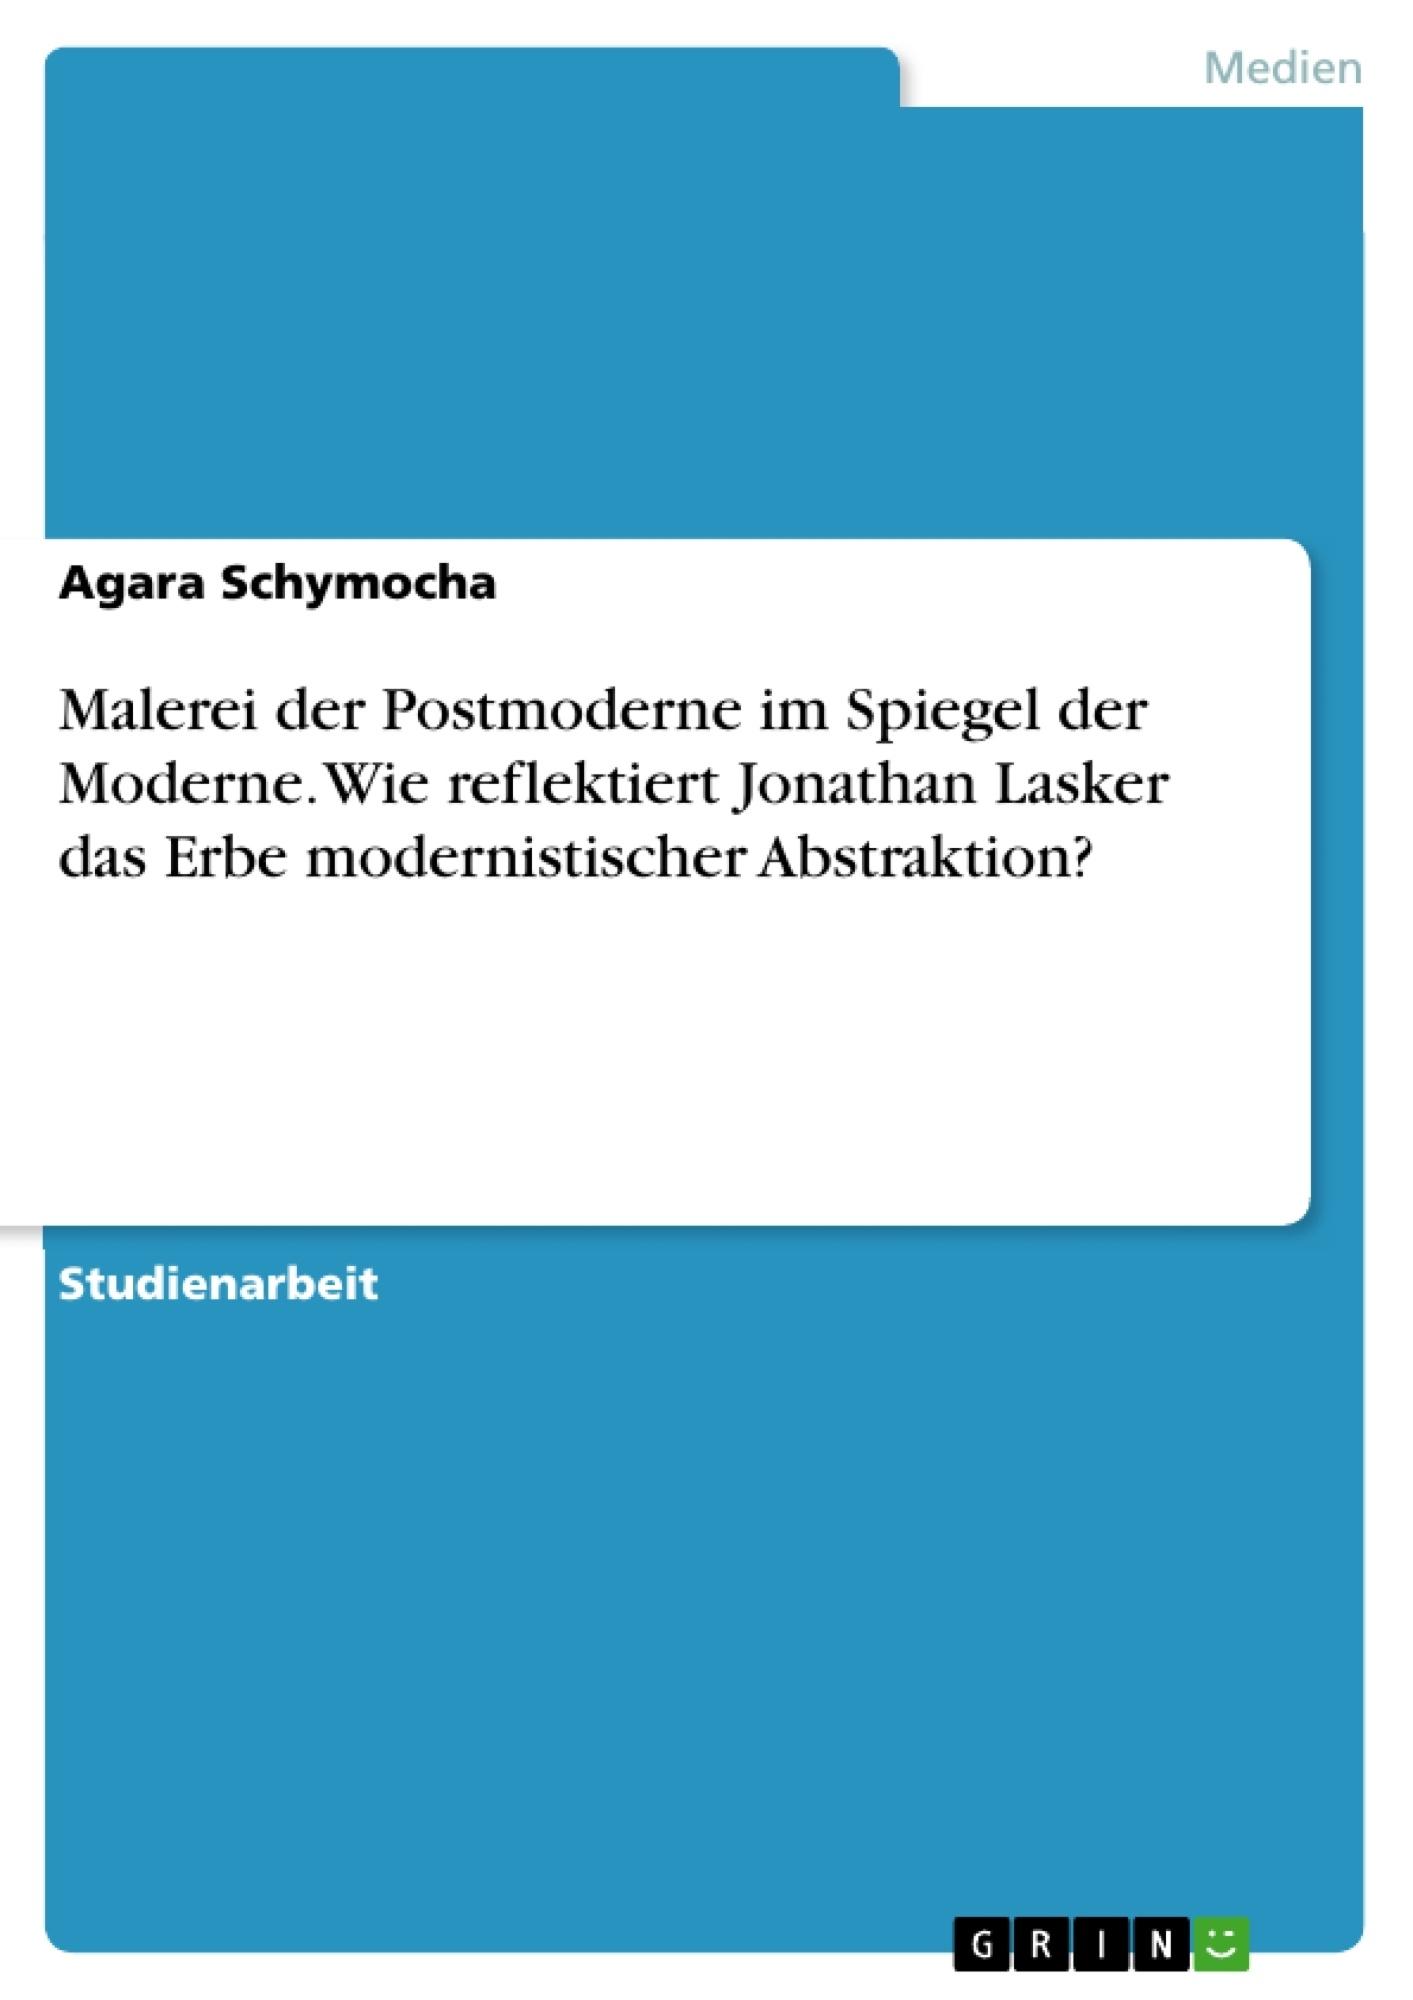 Titel: Malerei der Postmoderne im Spiegel der Moderne. Wie reflektiert Jonathan Lasker das Erbe modernistischer Abstraktion?